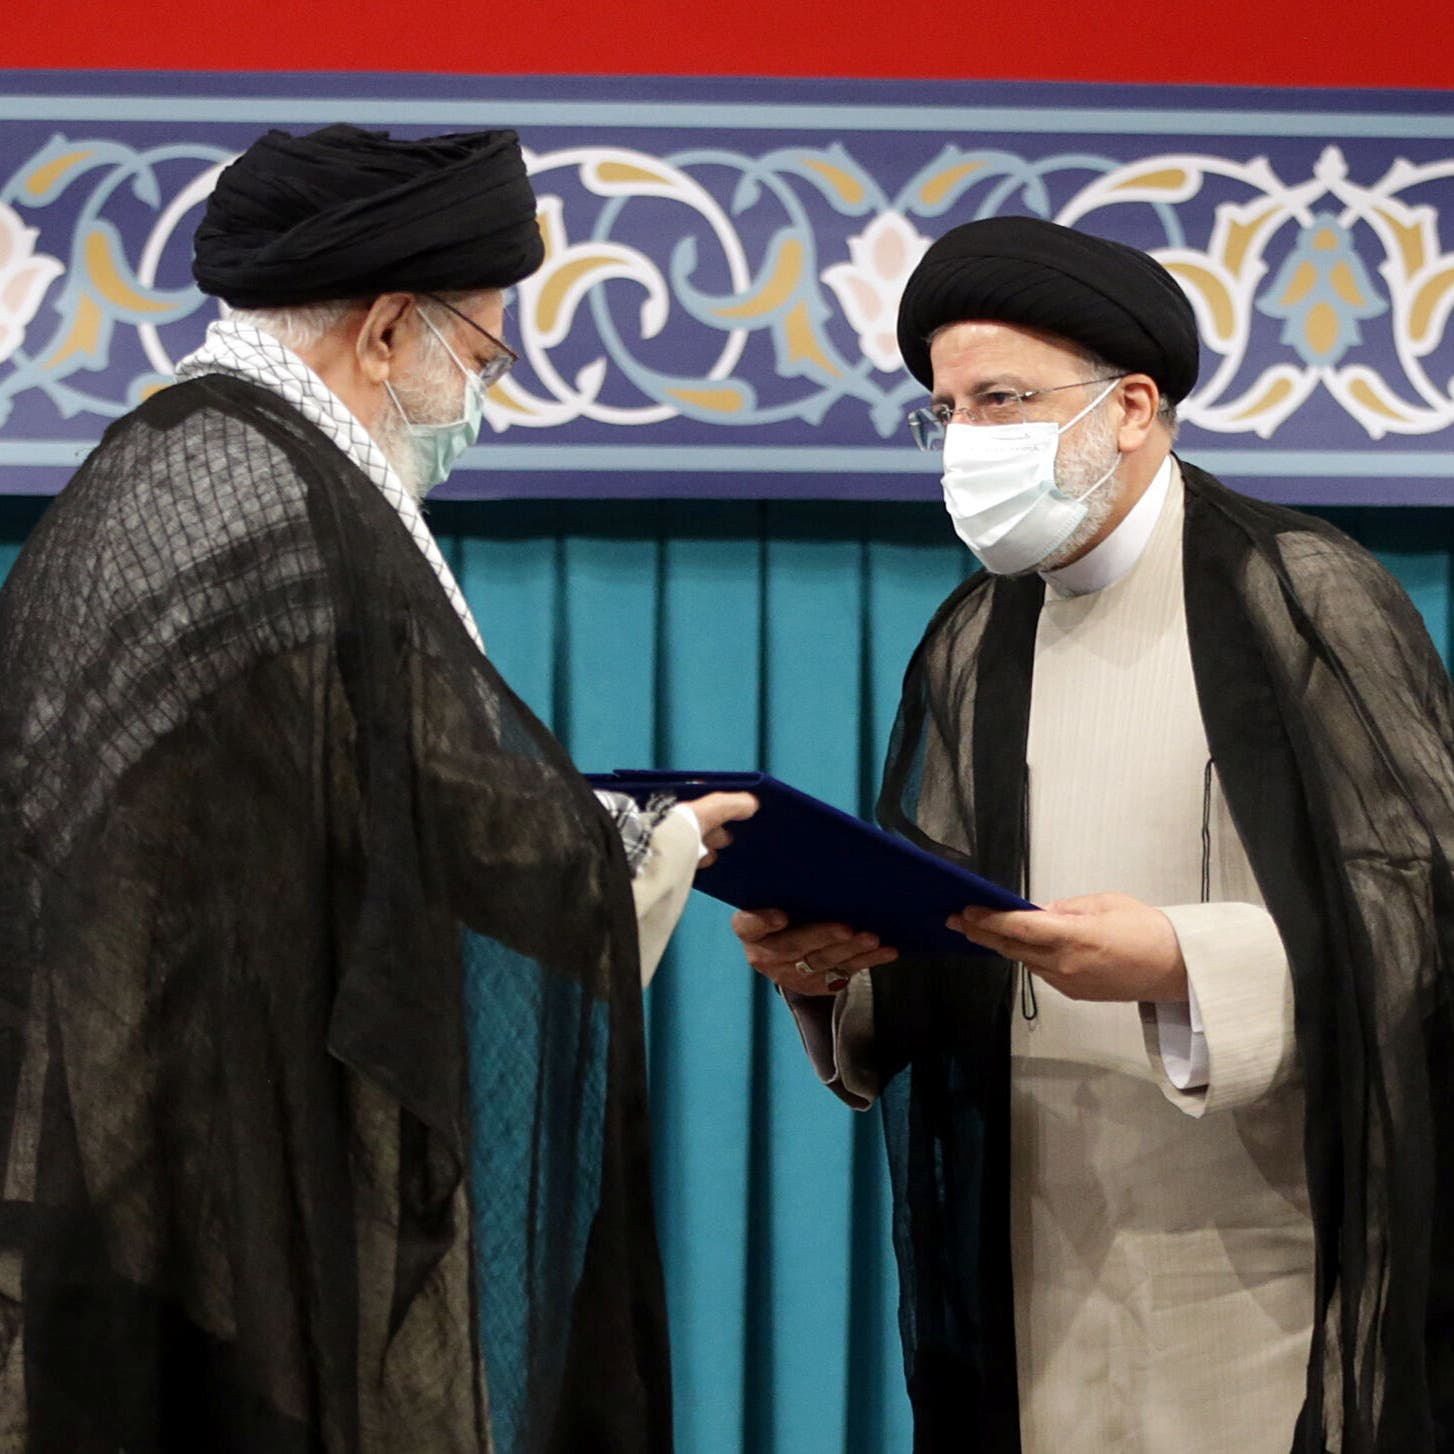 حول خامنئي ورئيس إيران.. جمهوريون يطالبون بايدن بإيضاحات